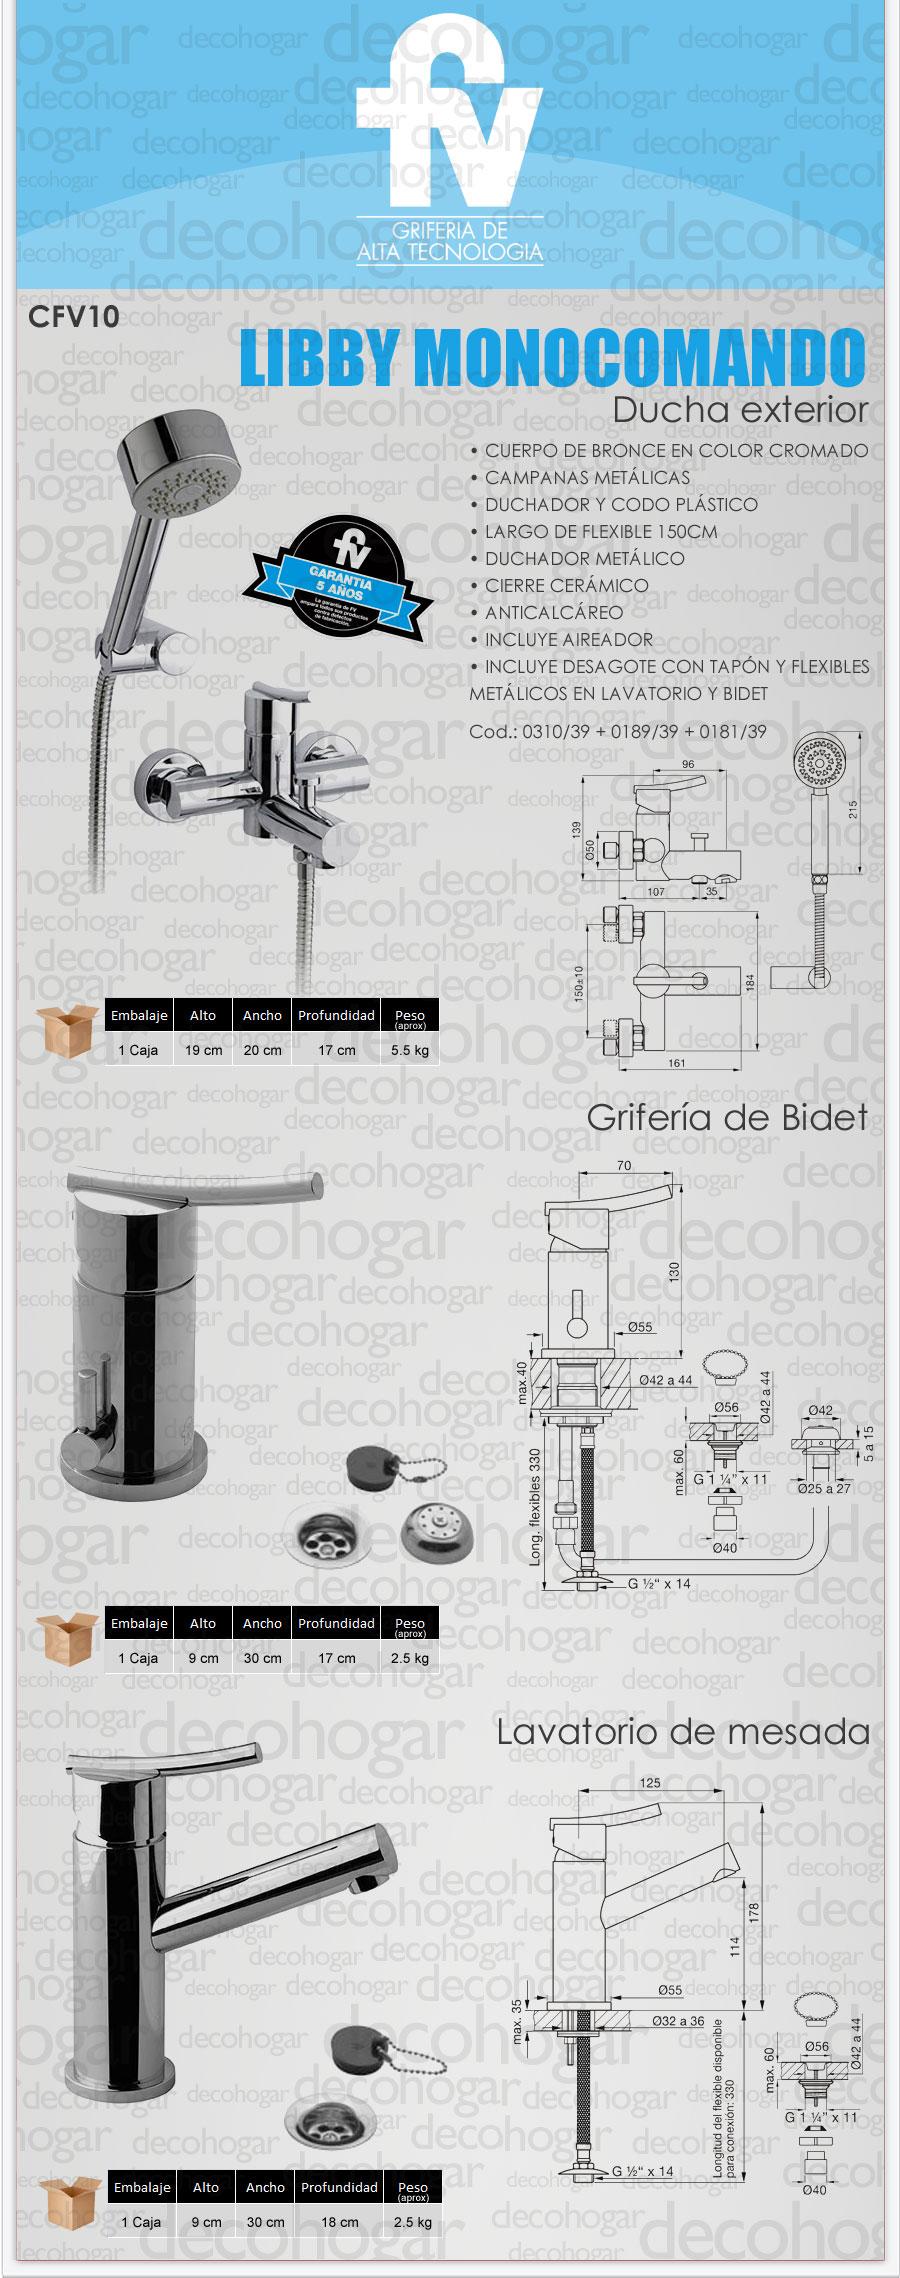 Grifer a fv libby monocomando ducha exterior lavatorio for Griferia de ducha fv precios